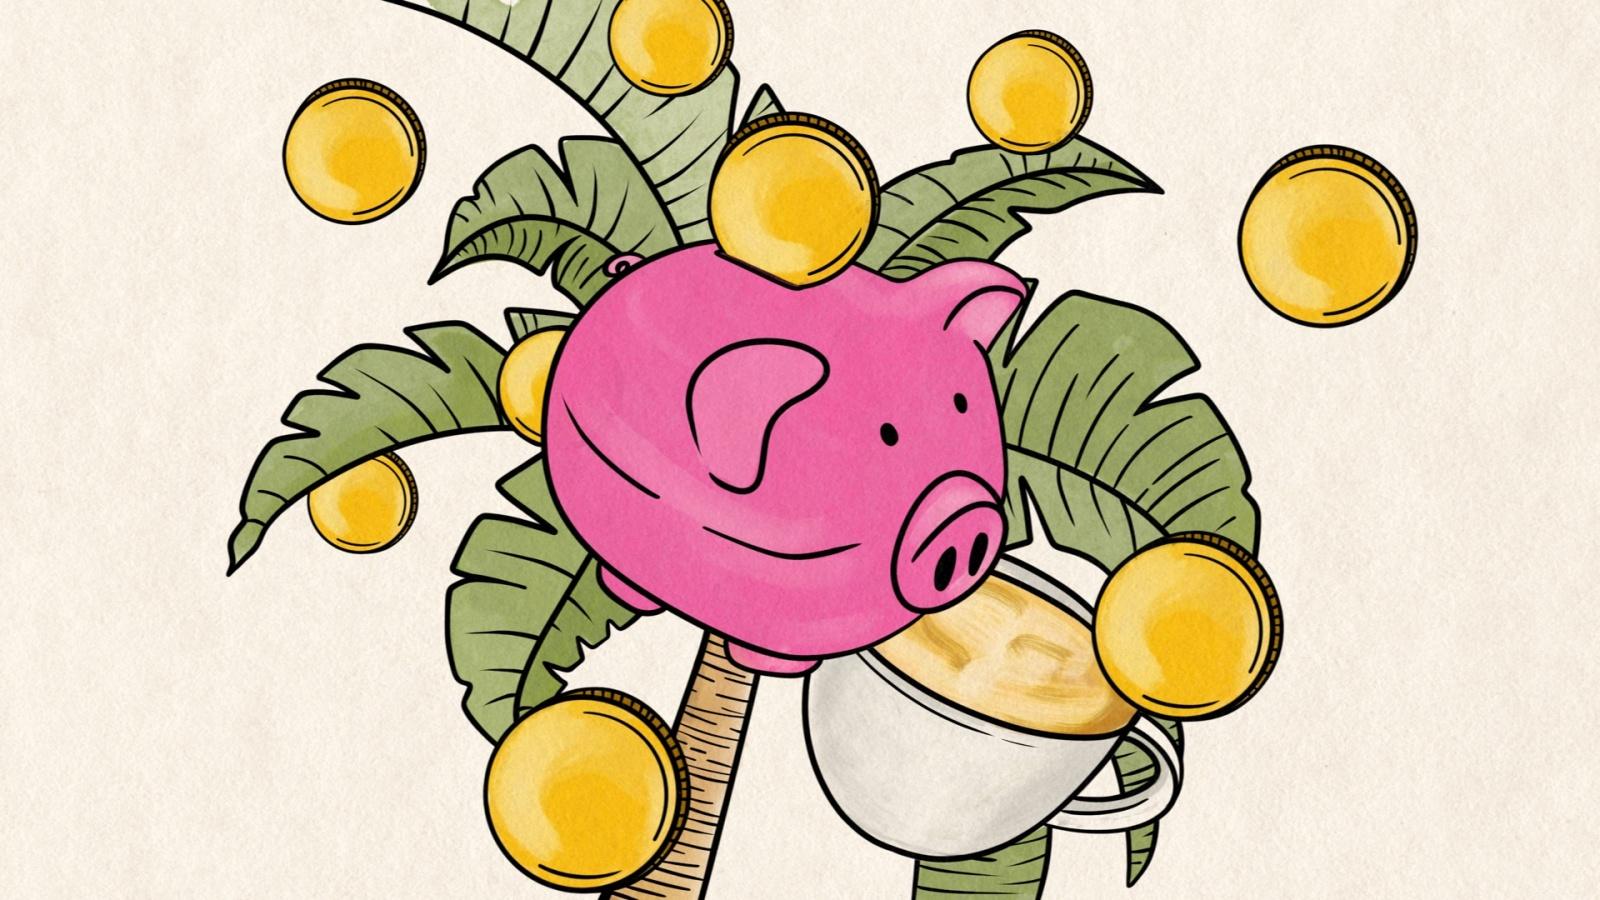 Безусловный базовый доход: немного истории, текущая ситуация и перспективы - 4